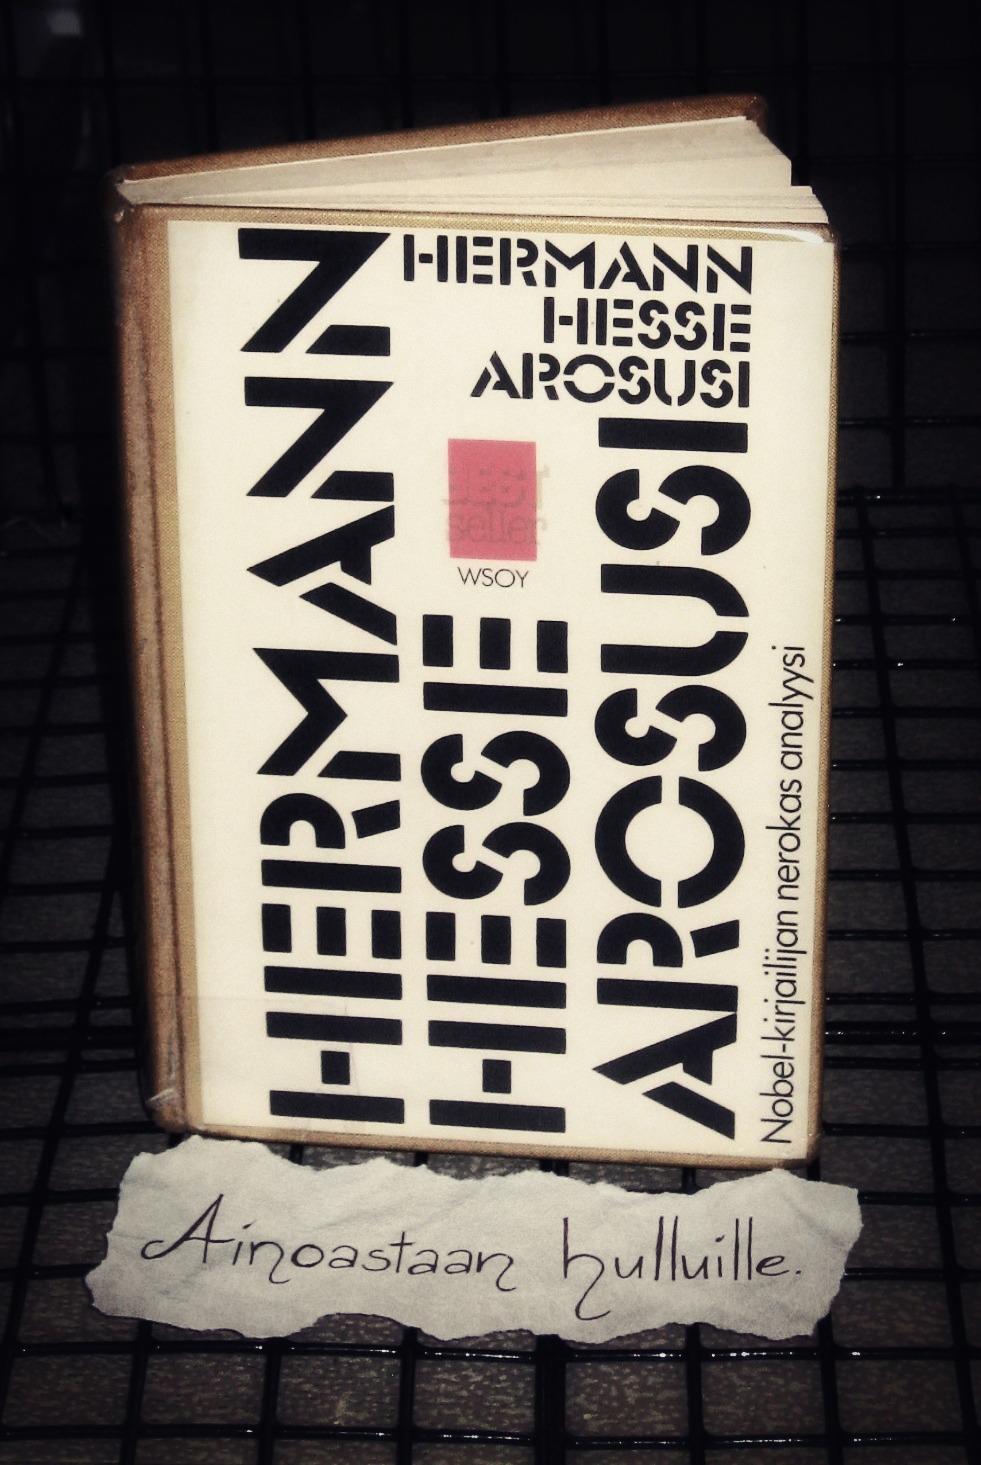 Hermann Hesse Arosusi